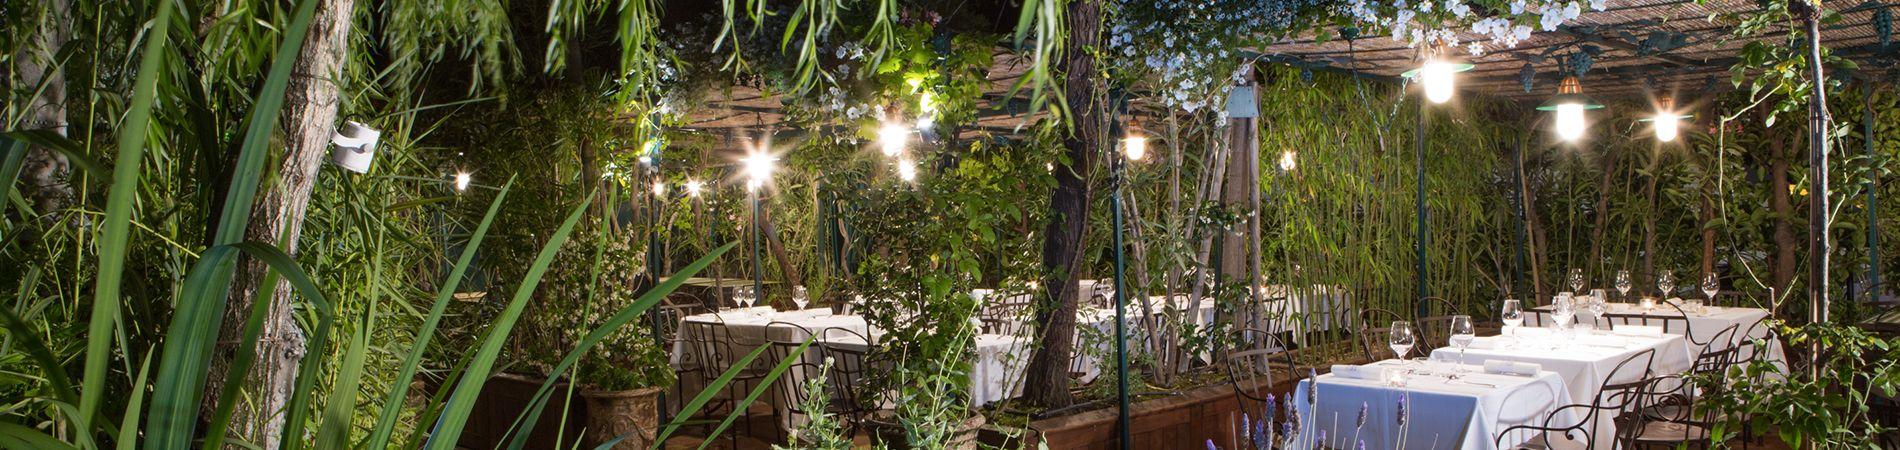 Savourez un moment d'exception dans les jardins du grand buffet narbonne